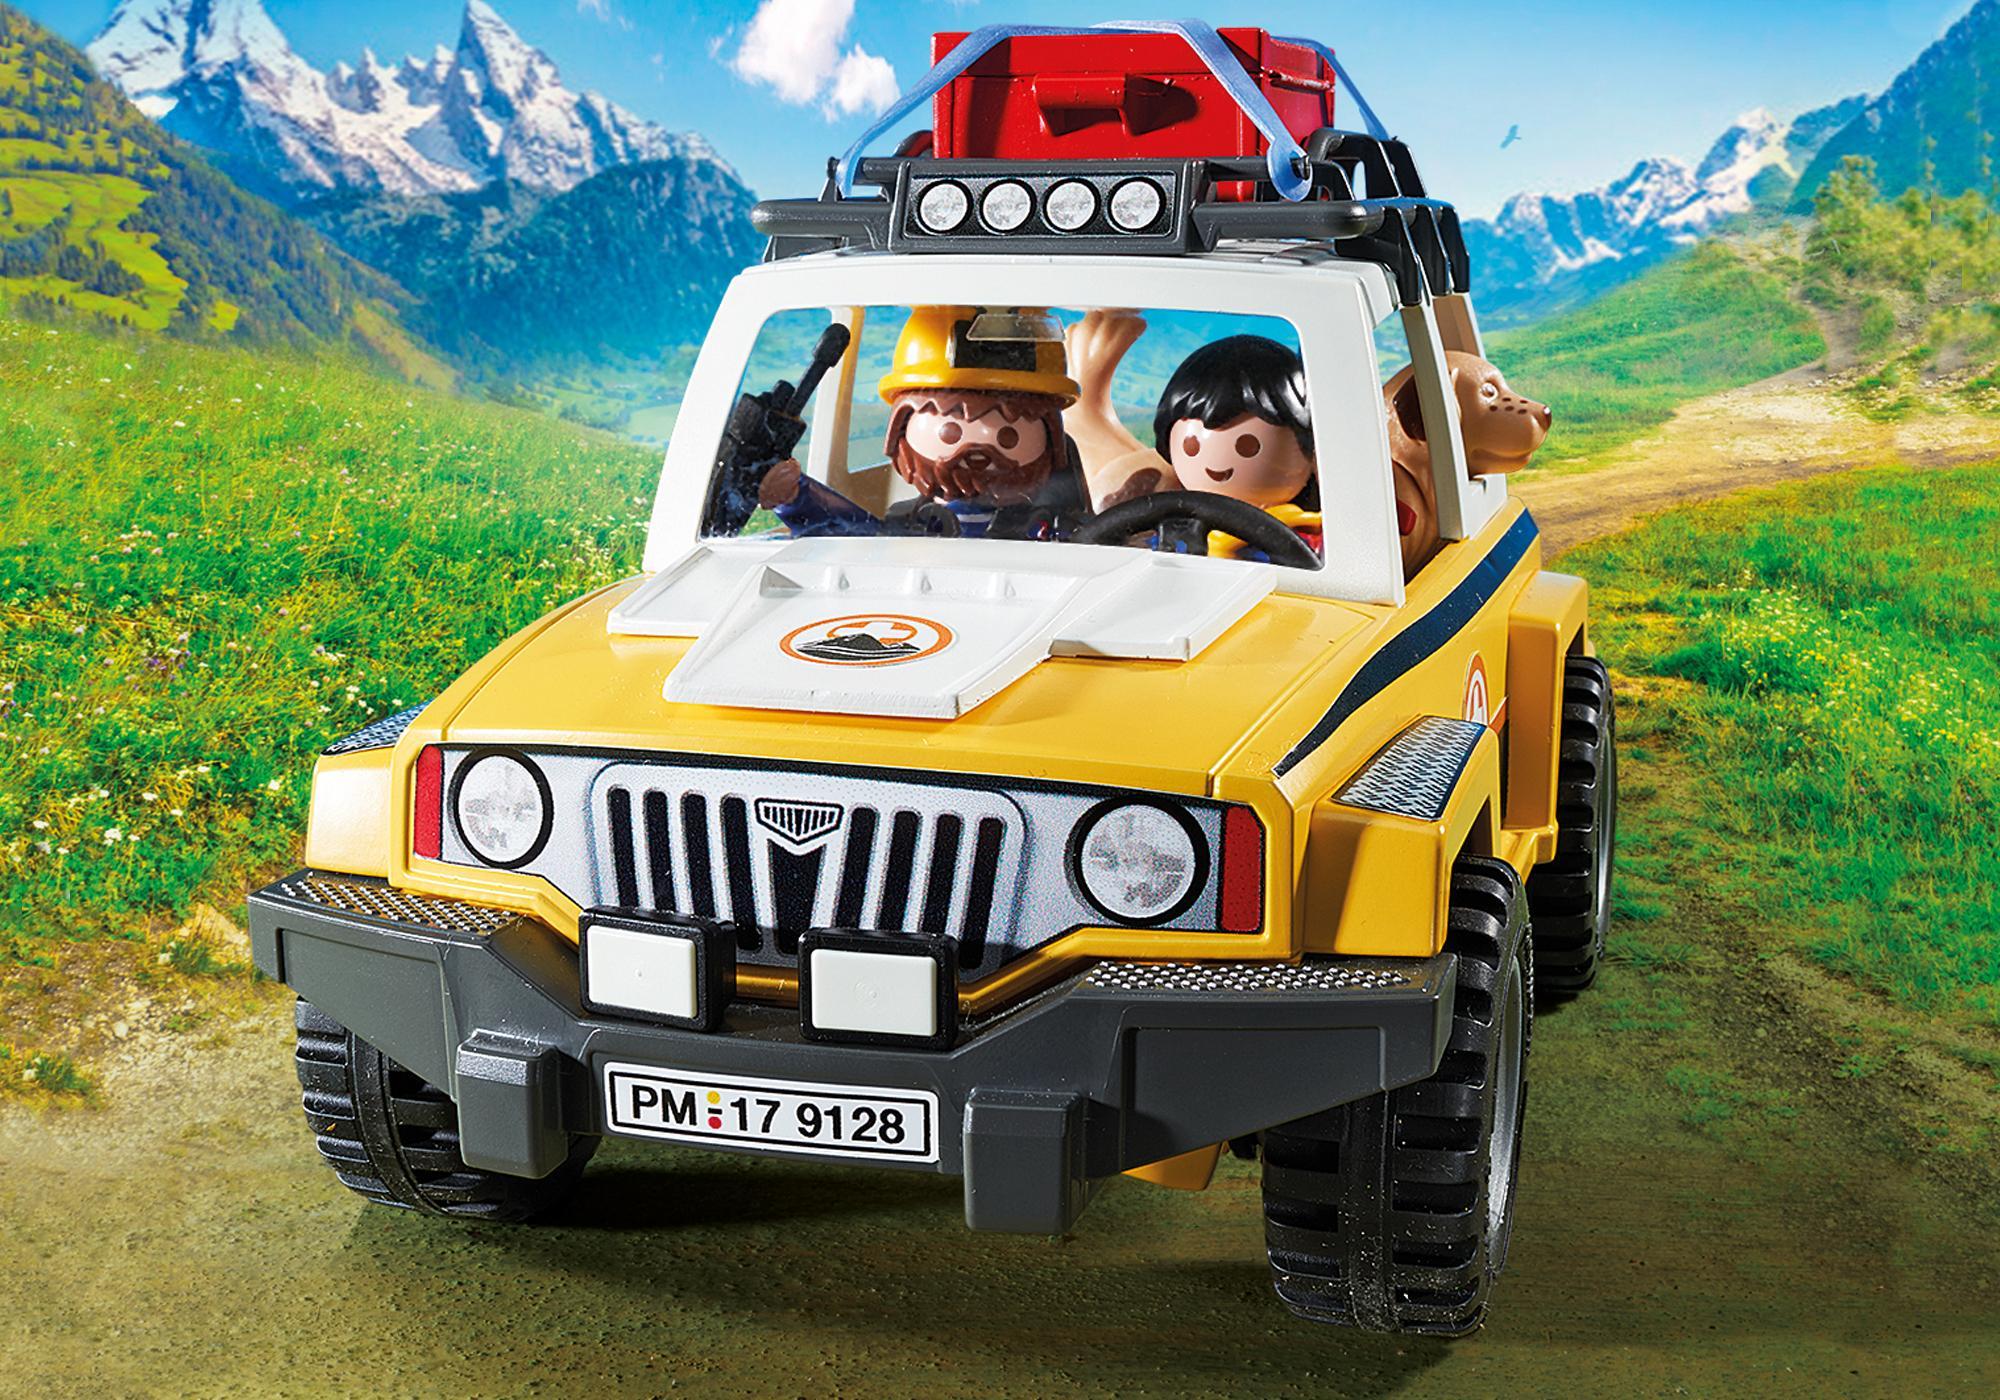 http://media.playmobil.com/i/playmobil/9128_product_extra2/Veículo de Resgate de Montanha